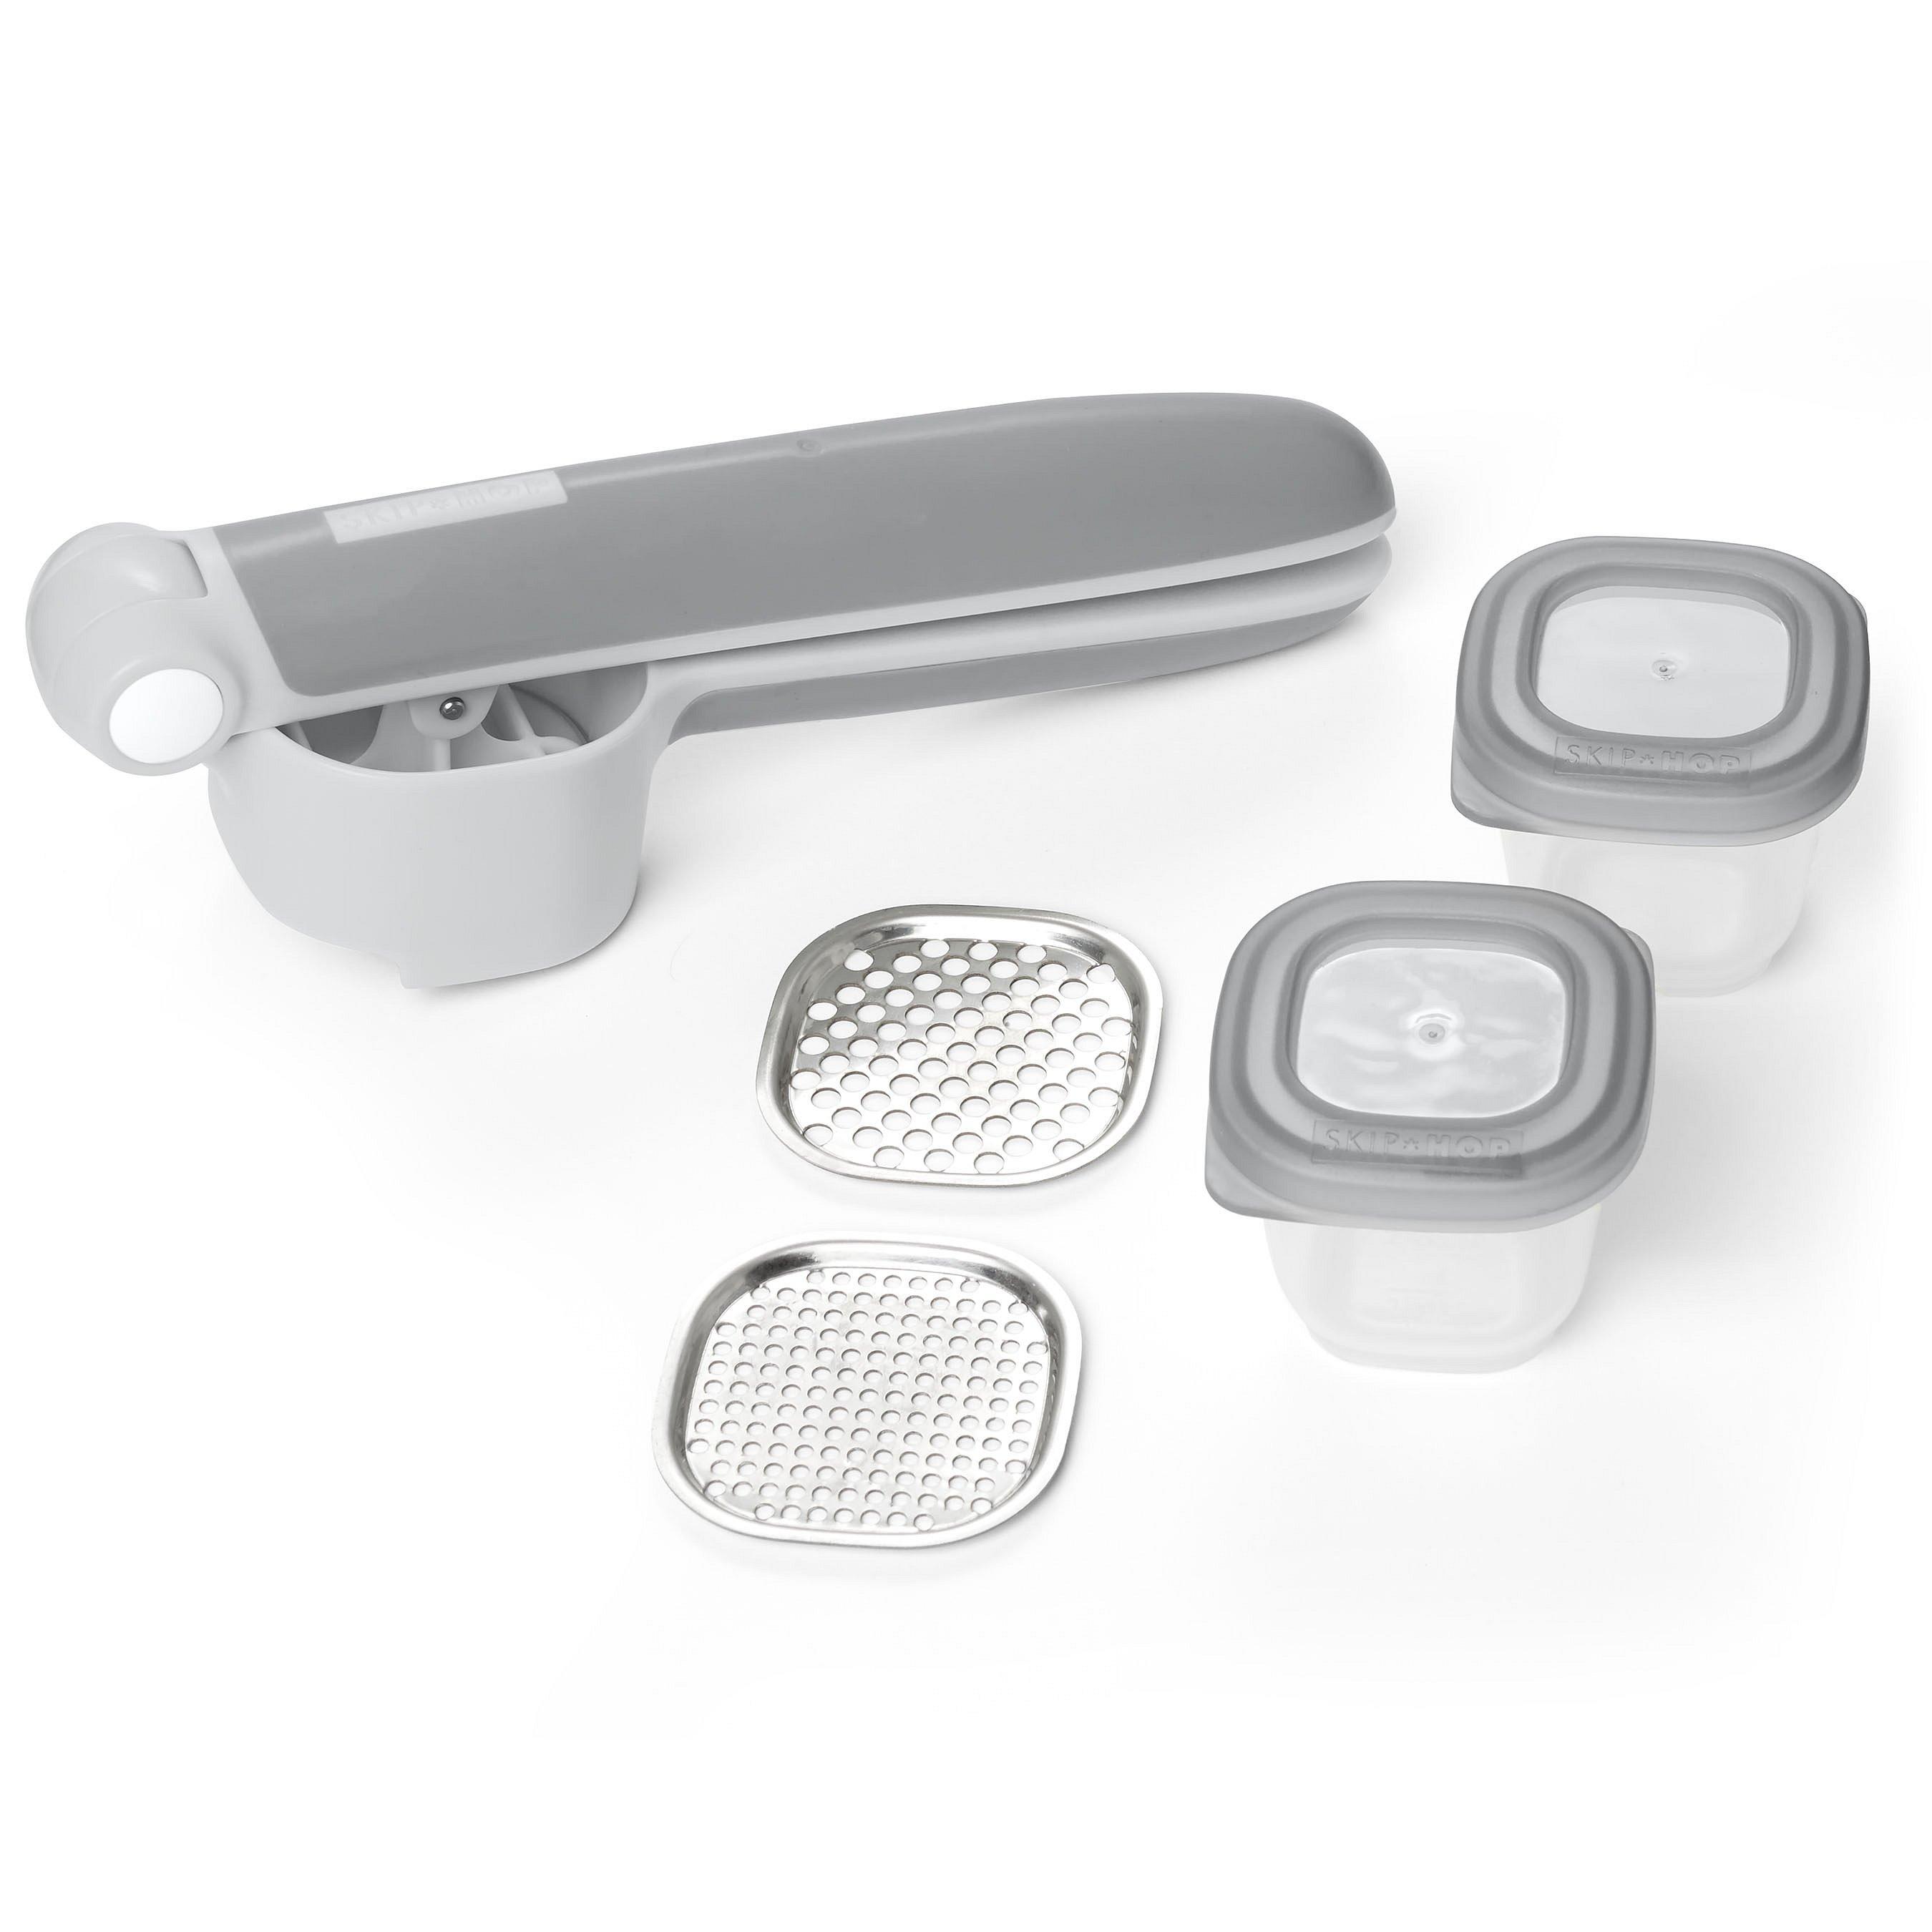 SKIP HOP Set na přípravu jídla Easy Prep - lis s 2 nástavci a 2 nádobkami 60 ml